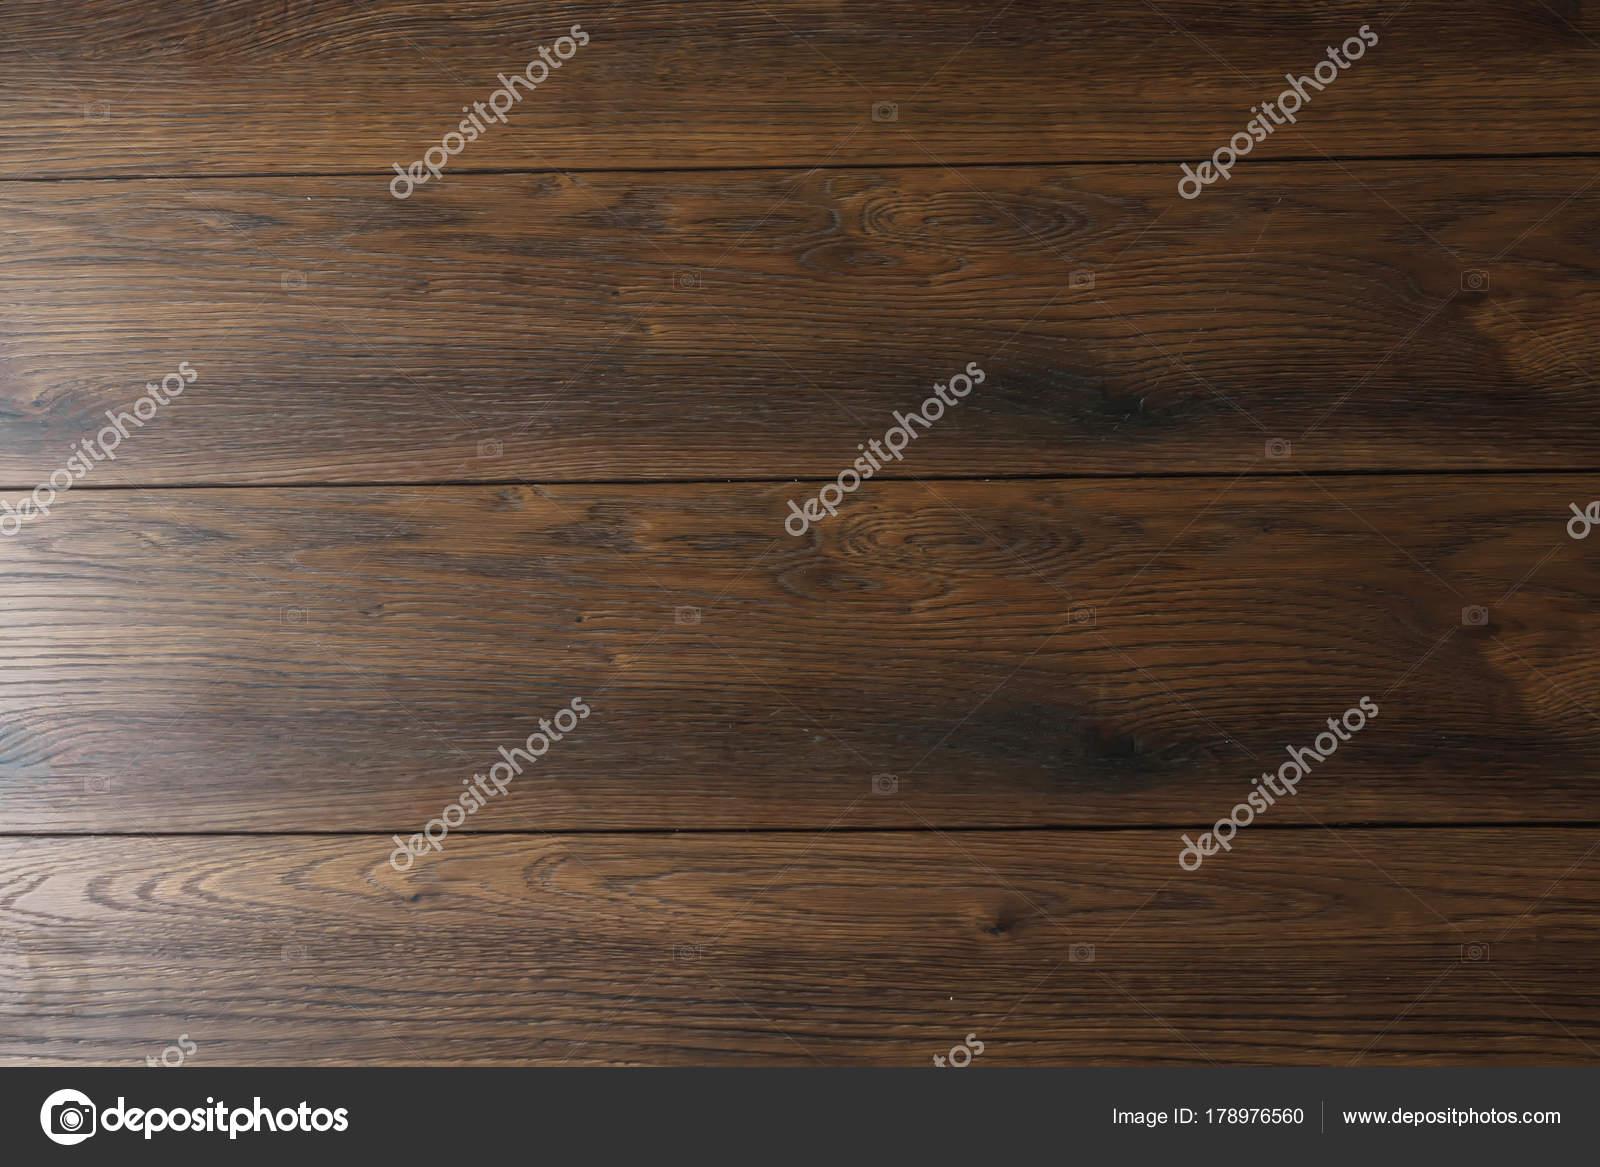 Houten Plank Voor Aan De Muur.Houten Plank Muur Textuur Achtergrond Stockfoto C Markoaliaksandr